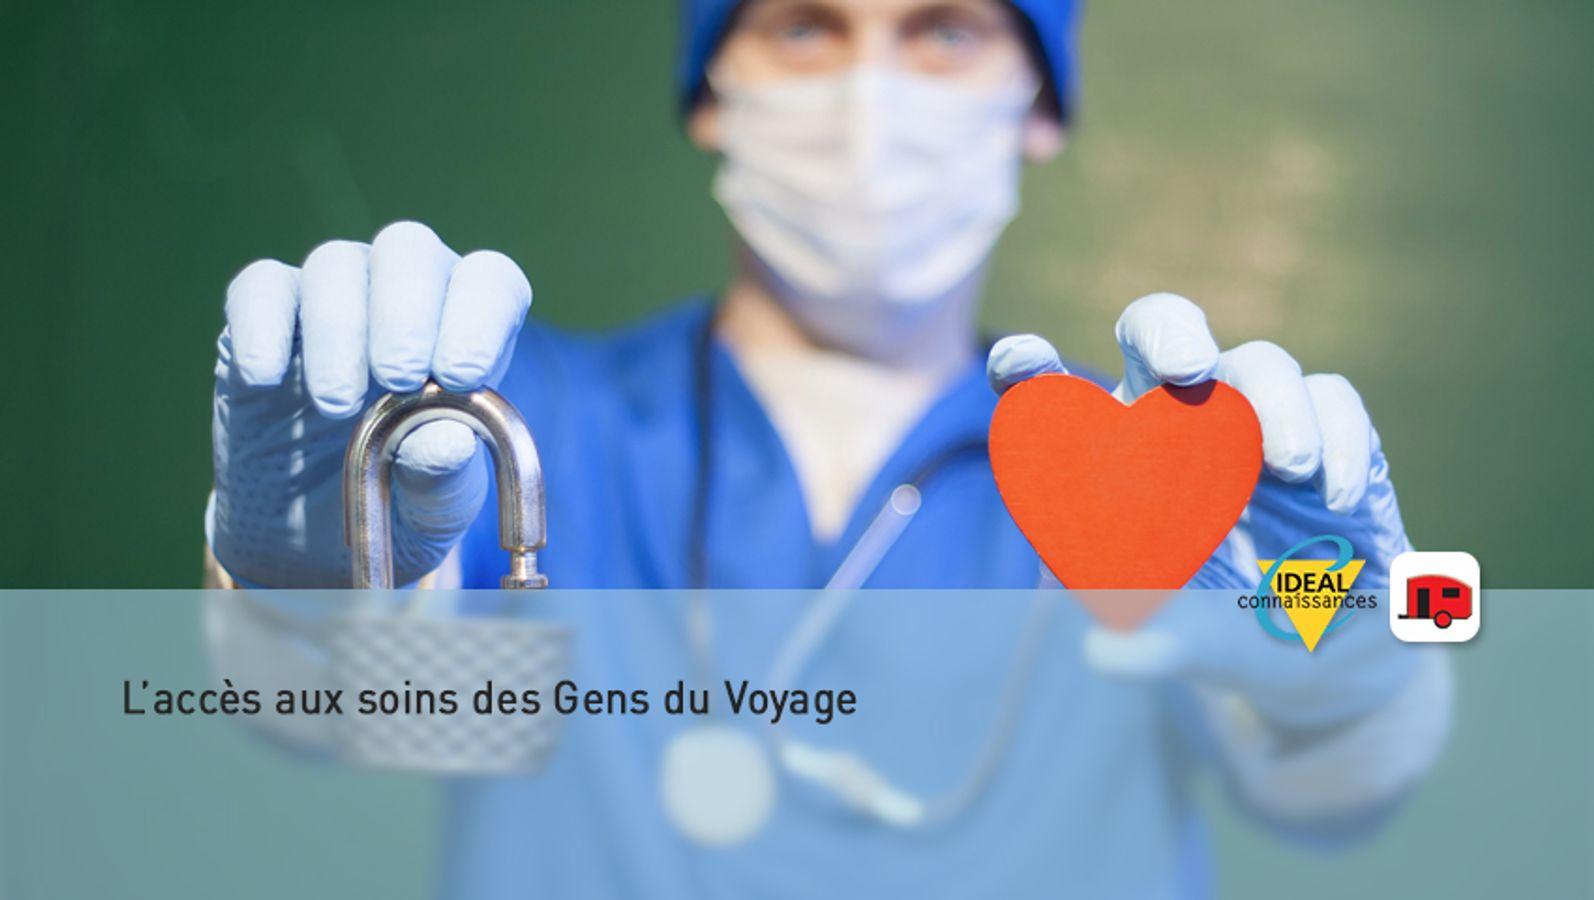 L'accès aux soins des Gens du Voyage